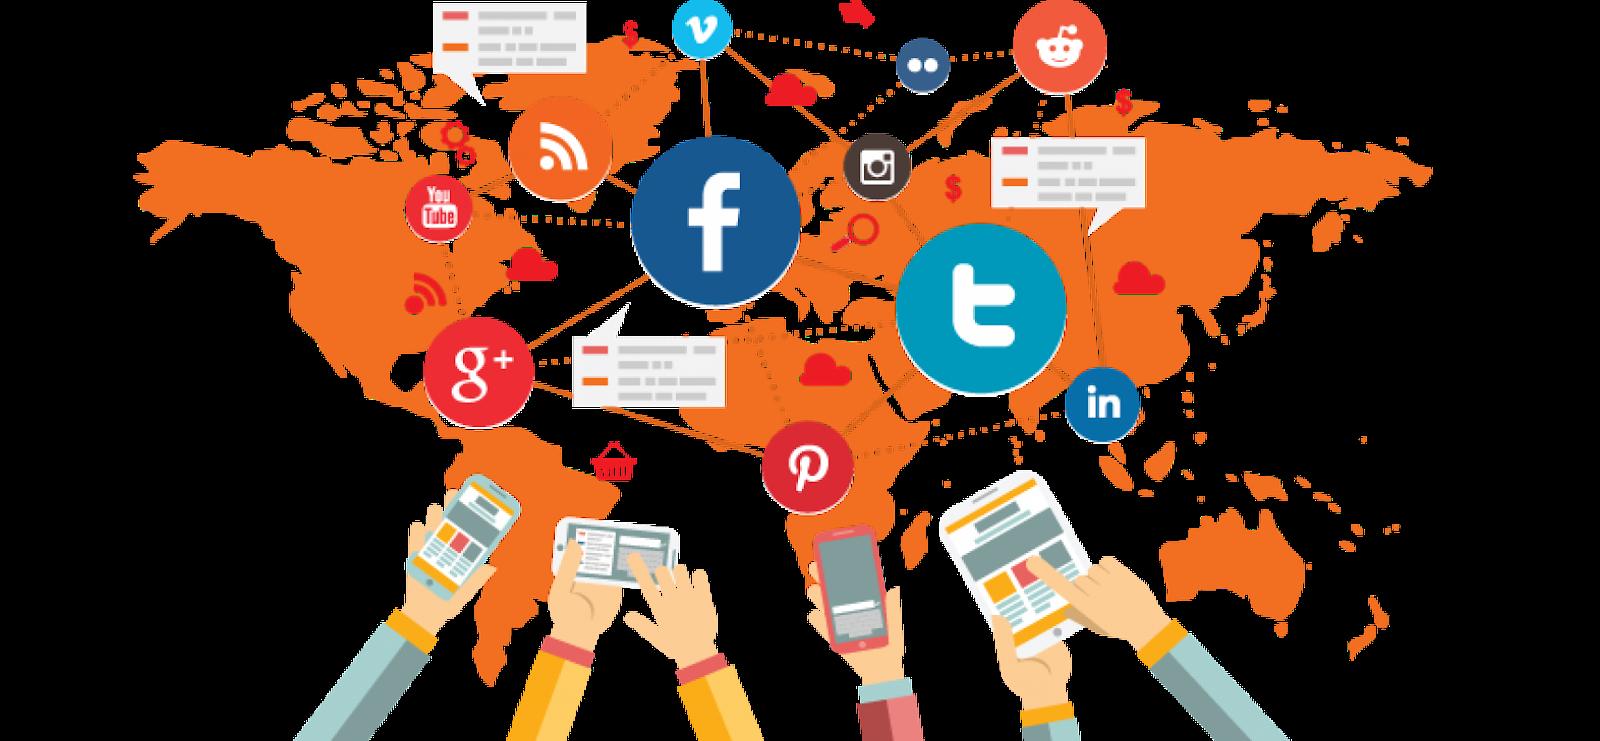 Thời gian trước, lúc xã hội còn chưa có internet, phương thức giao tiếp trọng điểm của con người là trao đổi trực tiếp mặt đối mặt, trao đổi qua thư từ, các cuộc điện thoại hoặc qua các kiểu văn bản hành chính.